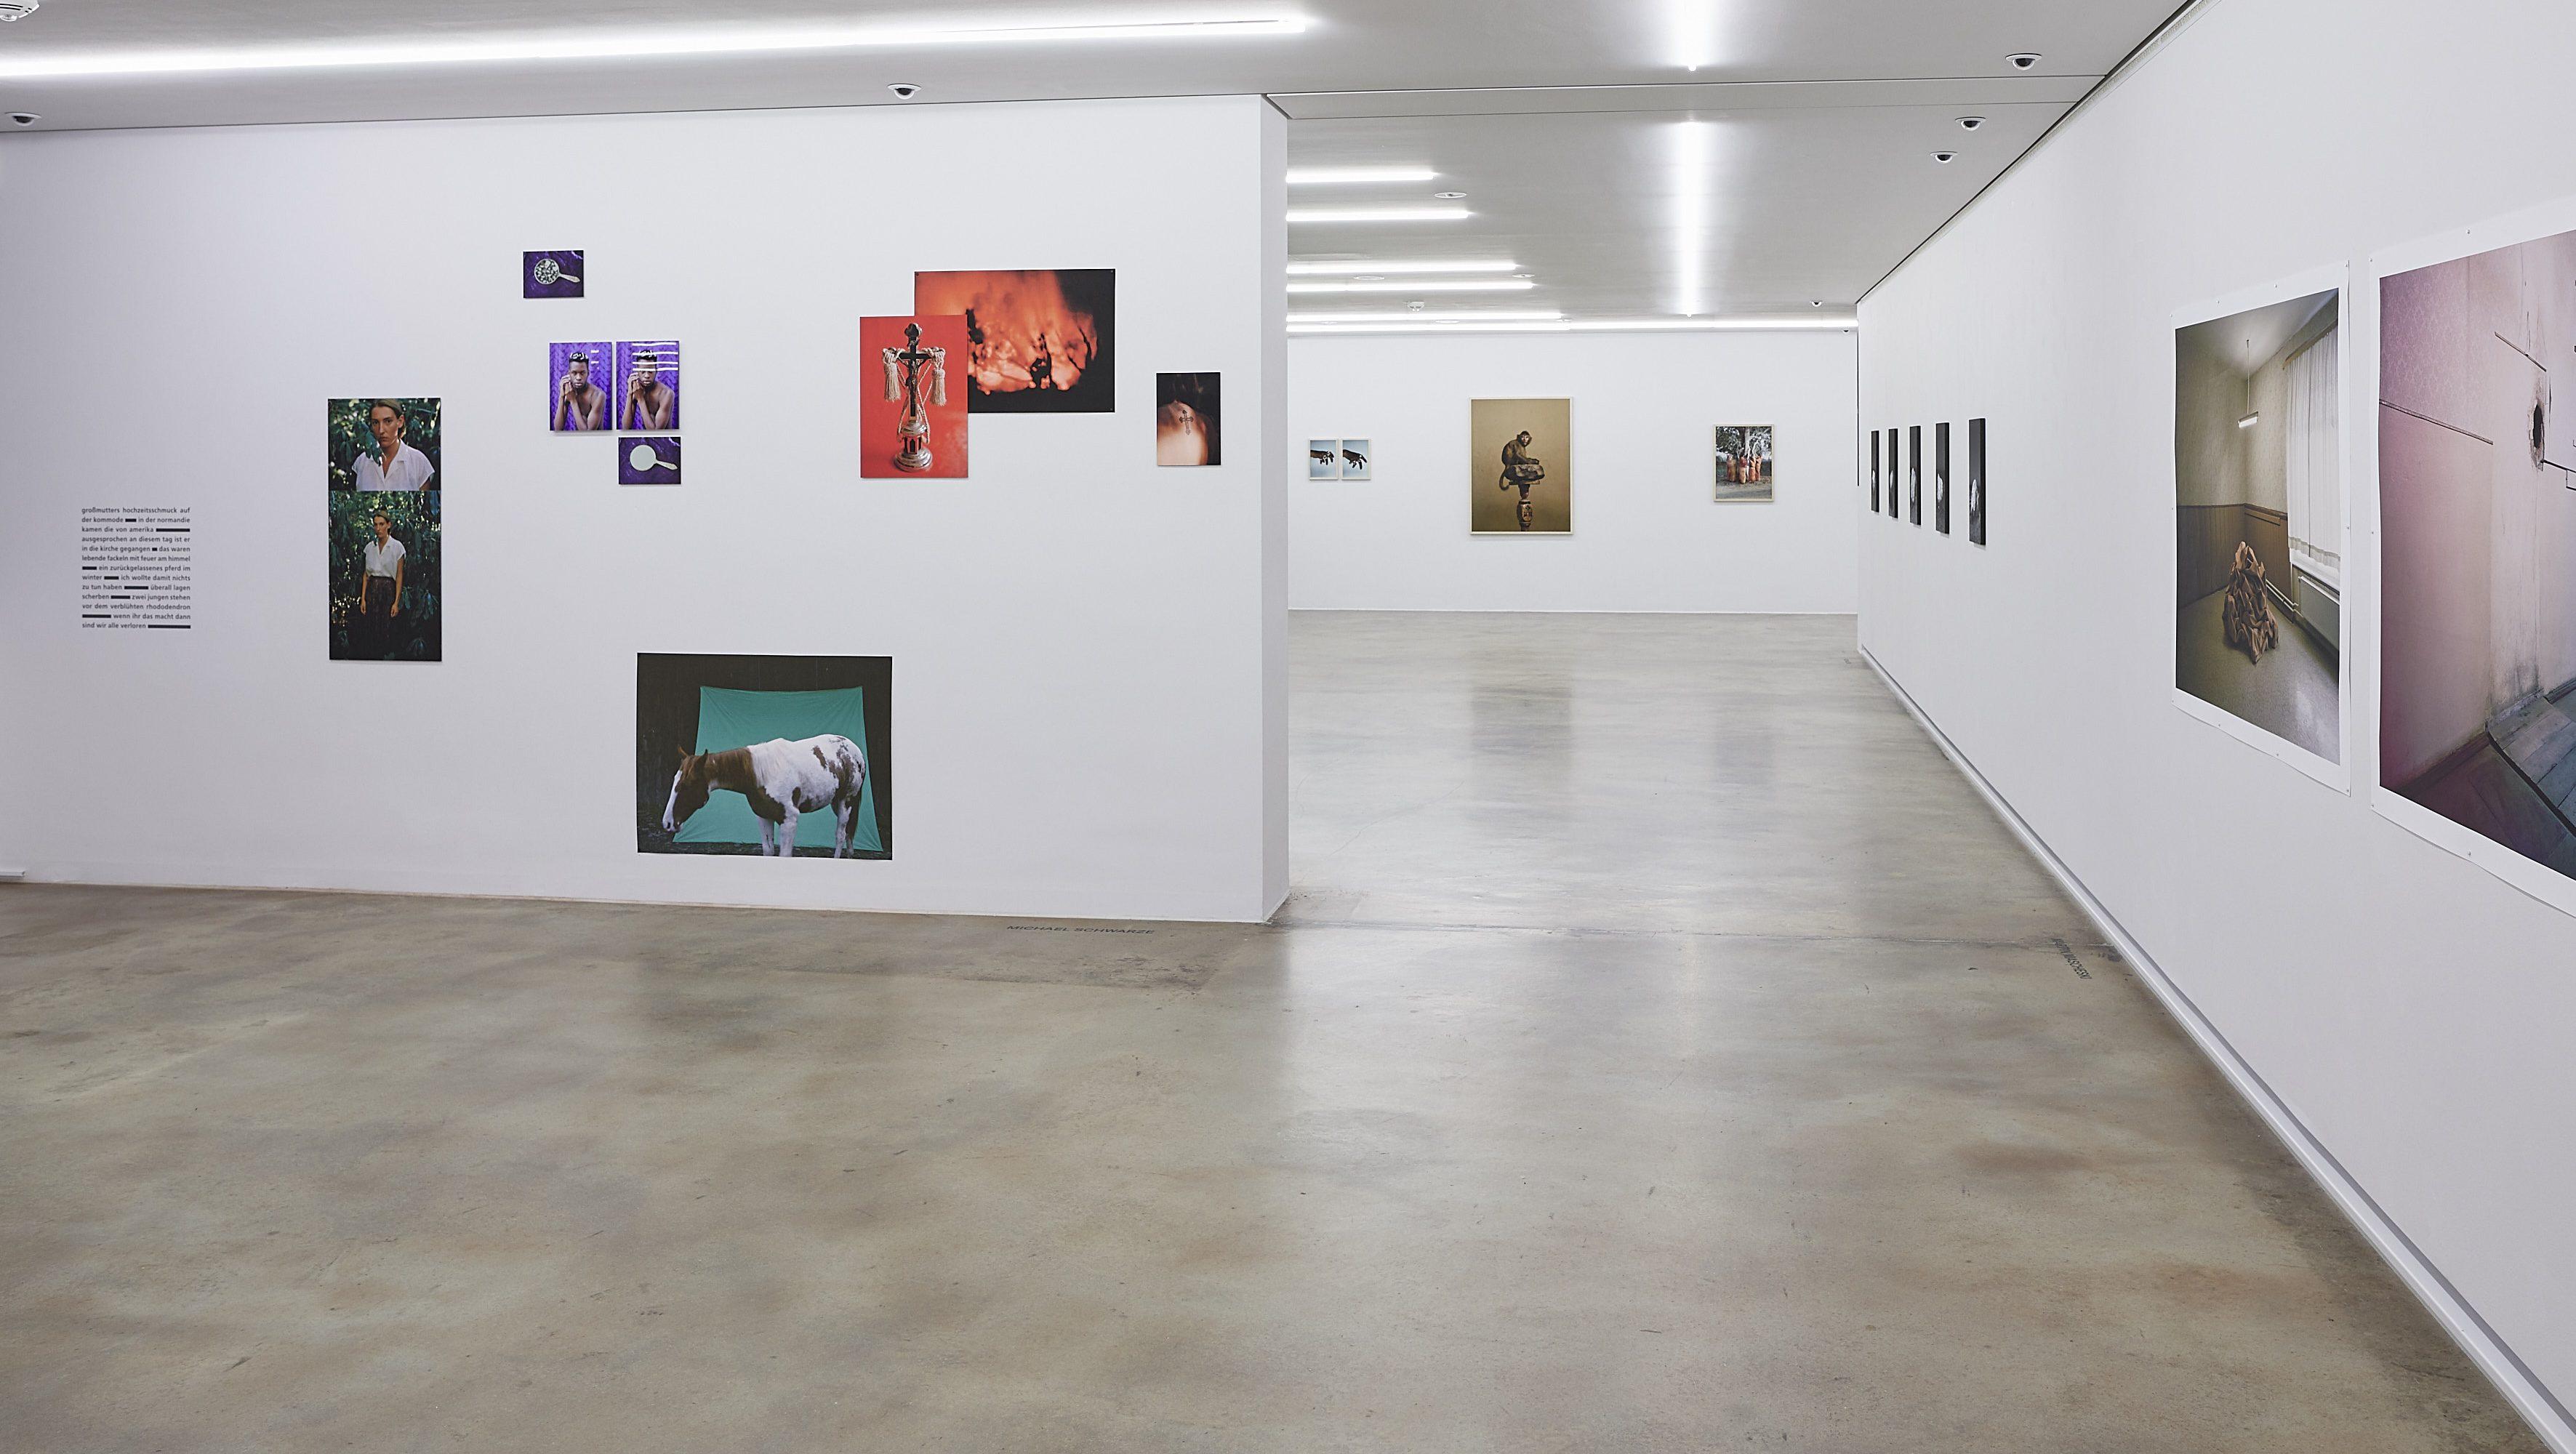 Raumansicht mit Arbeiten von Michael Schwarze, Julia Sellmann, Kristina Lenz und Martin Mascheski